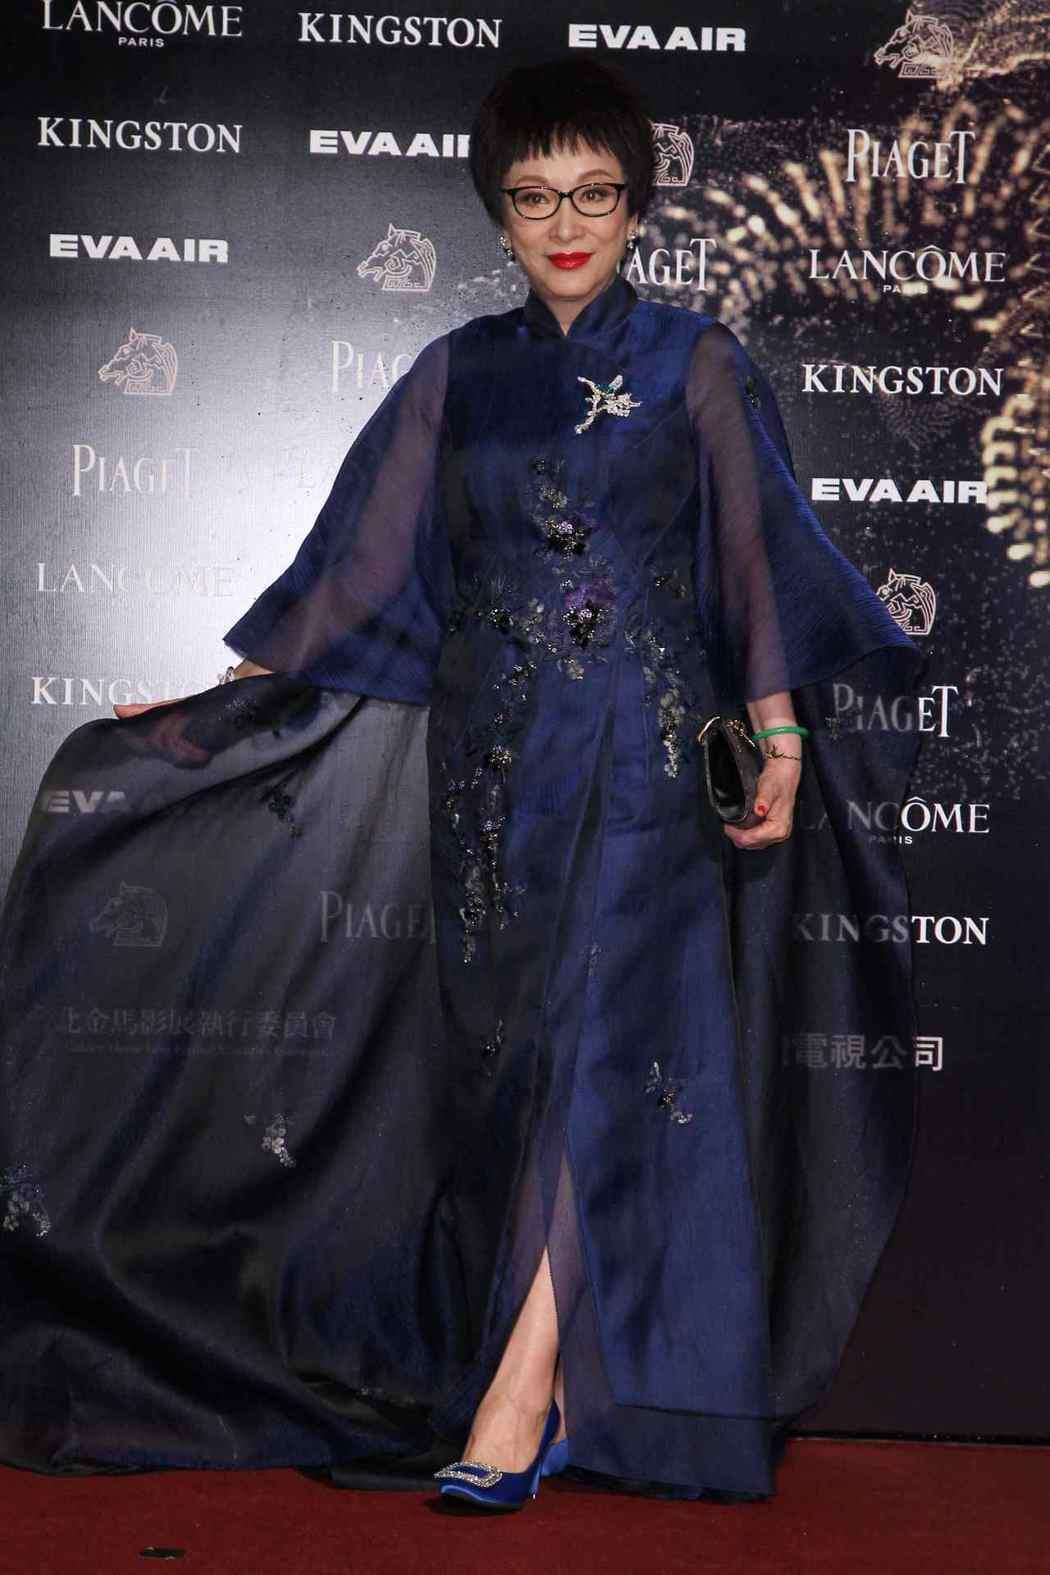 對國片貢獻良多的「俠女」徐楓,榮獲第54屆金馬獎終身成就獎。圖/金馬執委會提供